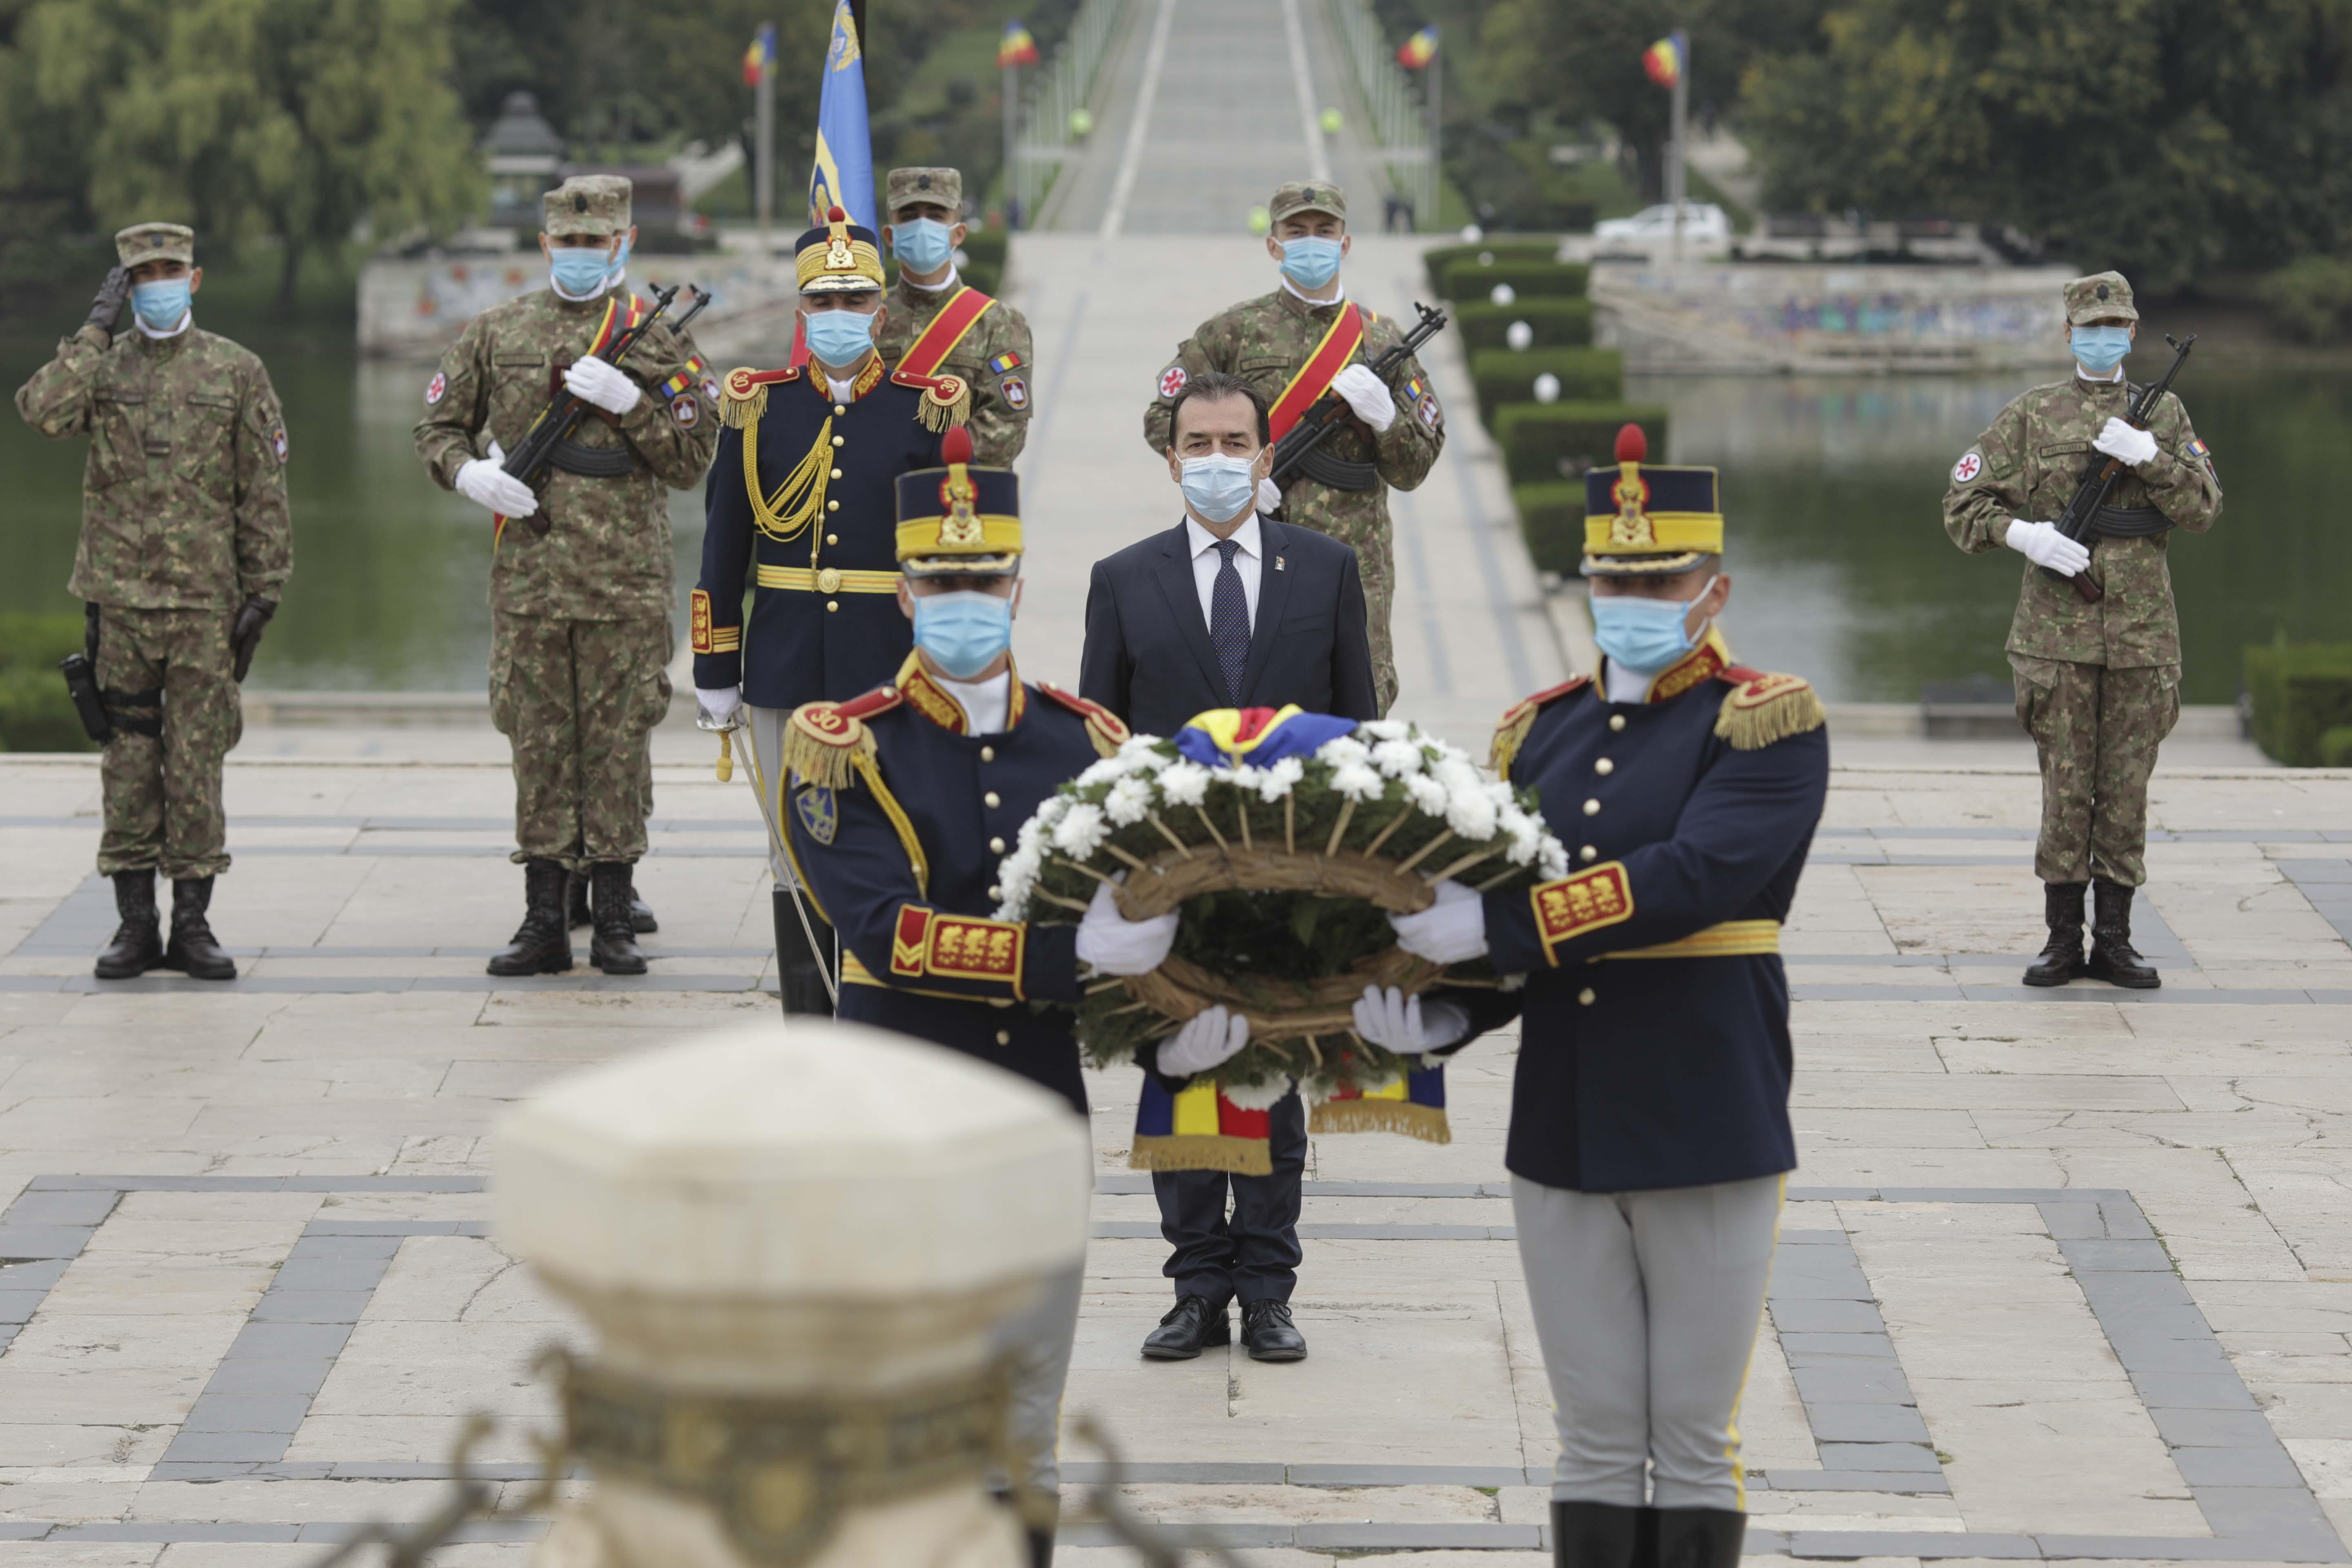 Festivități de Ziua Armatei, fără public, din cauza restricțiilor. Participă preşedintele şi premierul